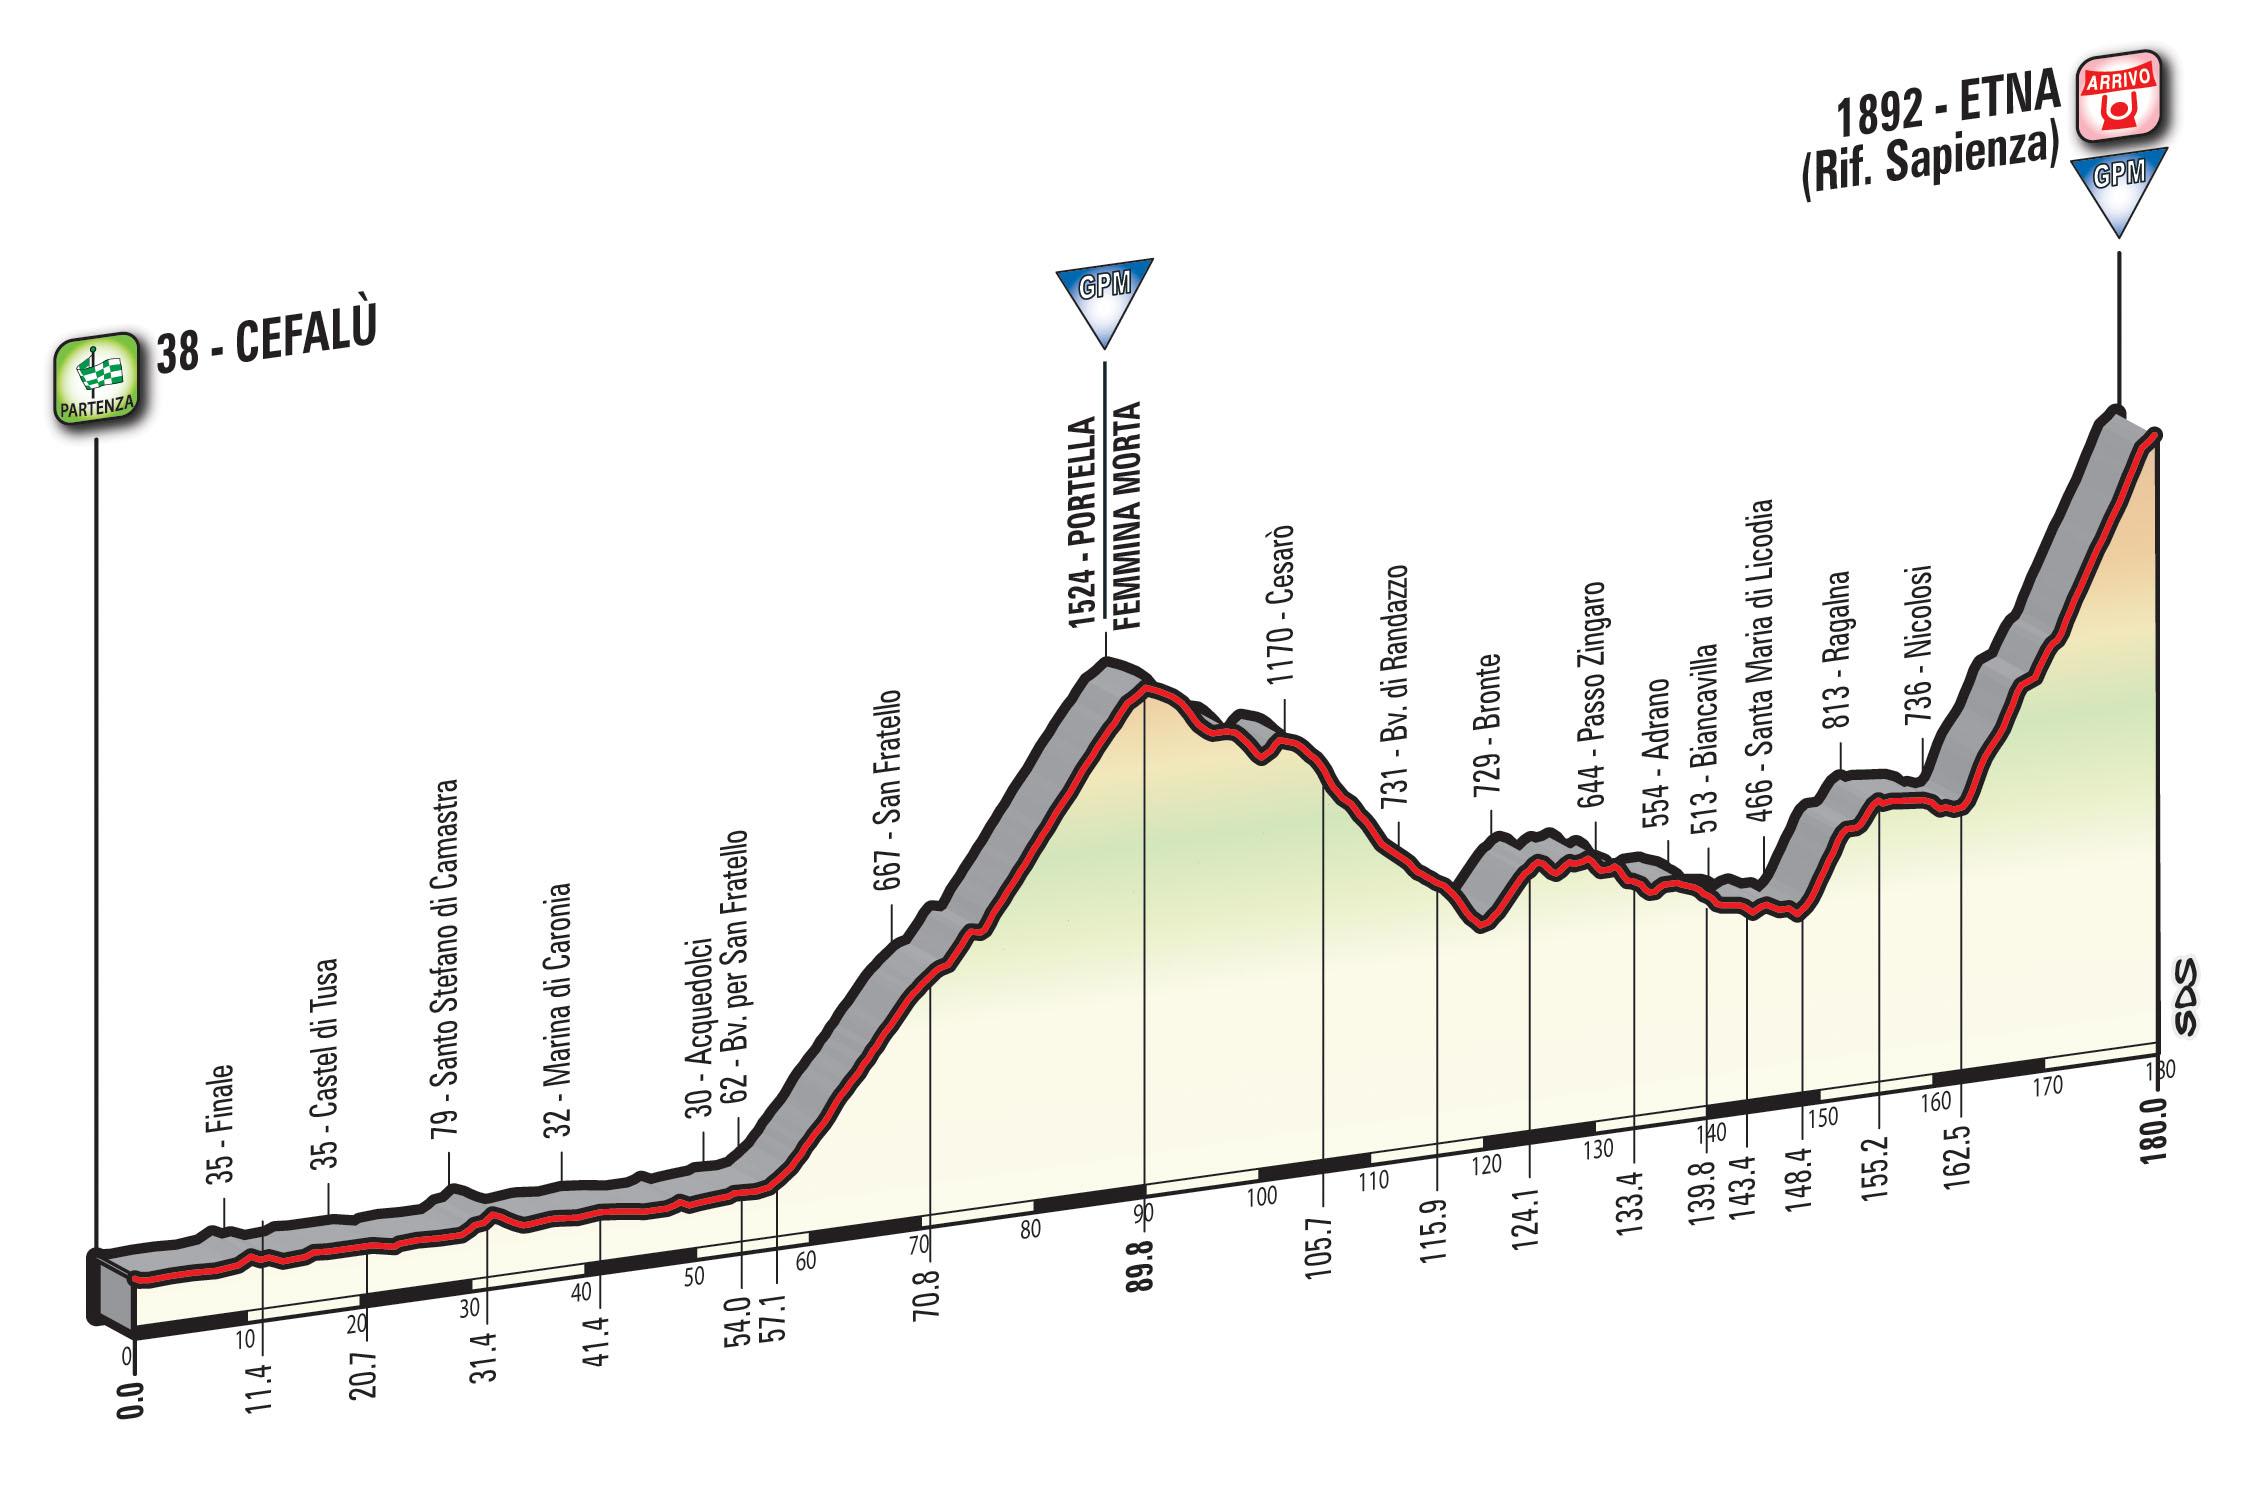 Giro d'Italia 2017 Etna